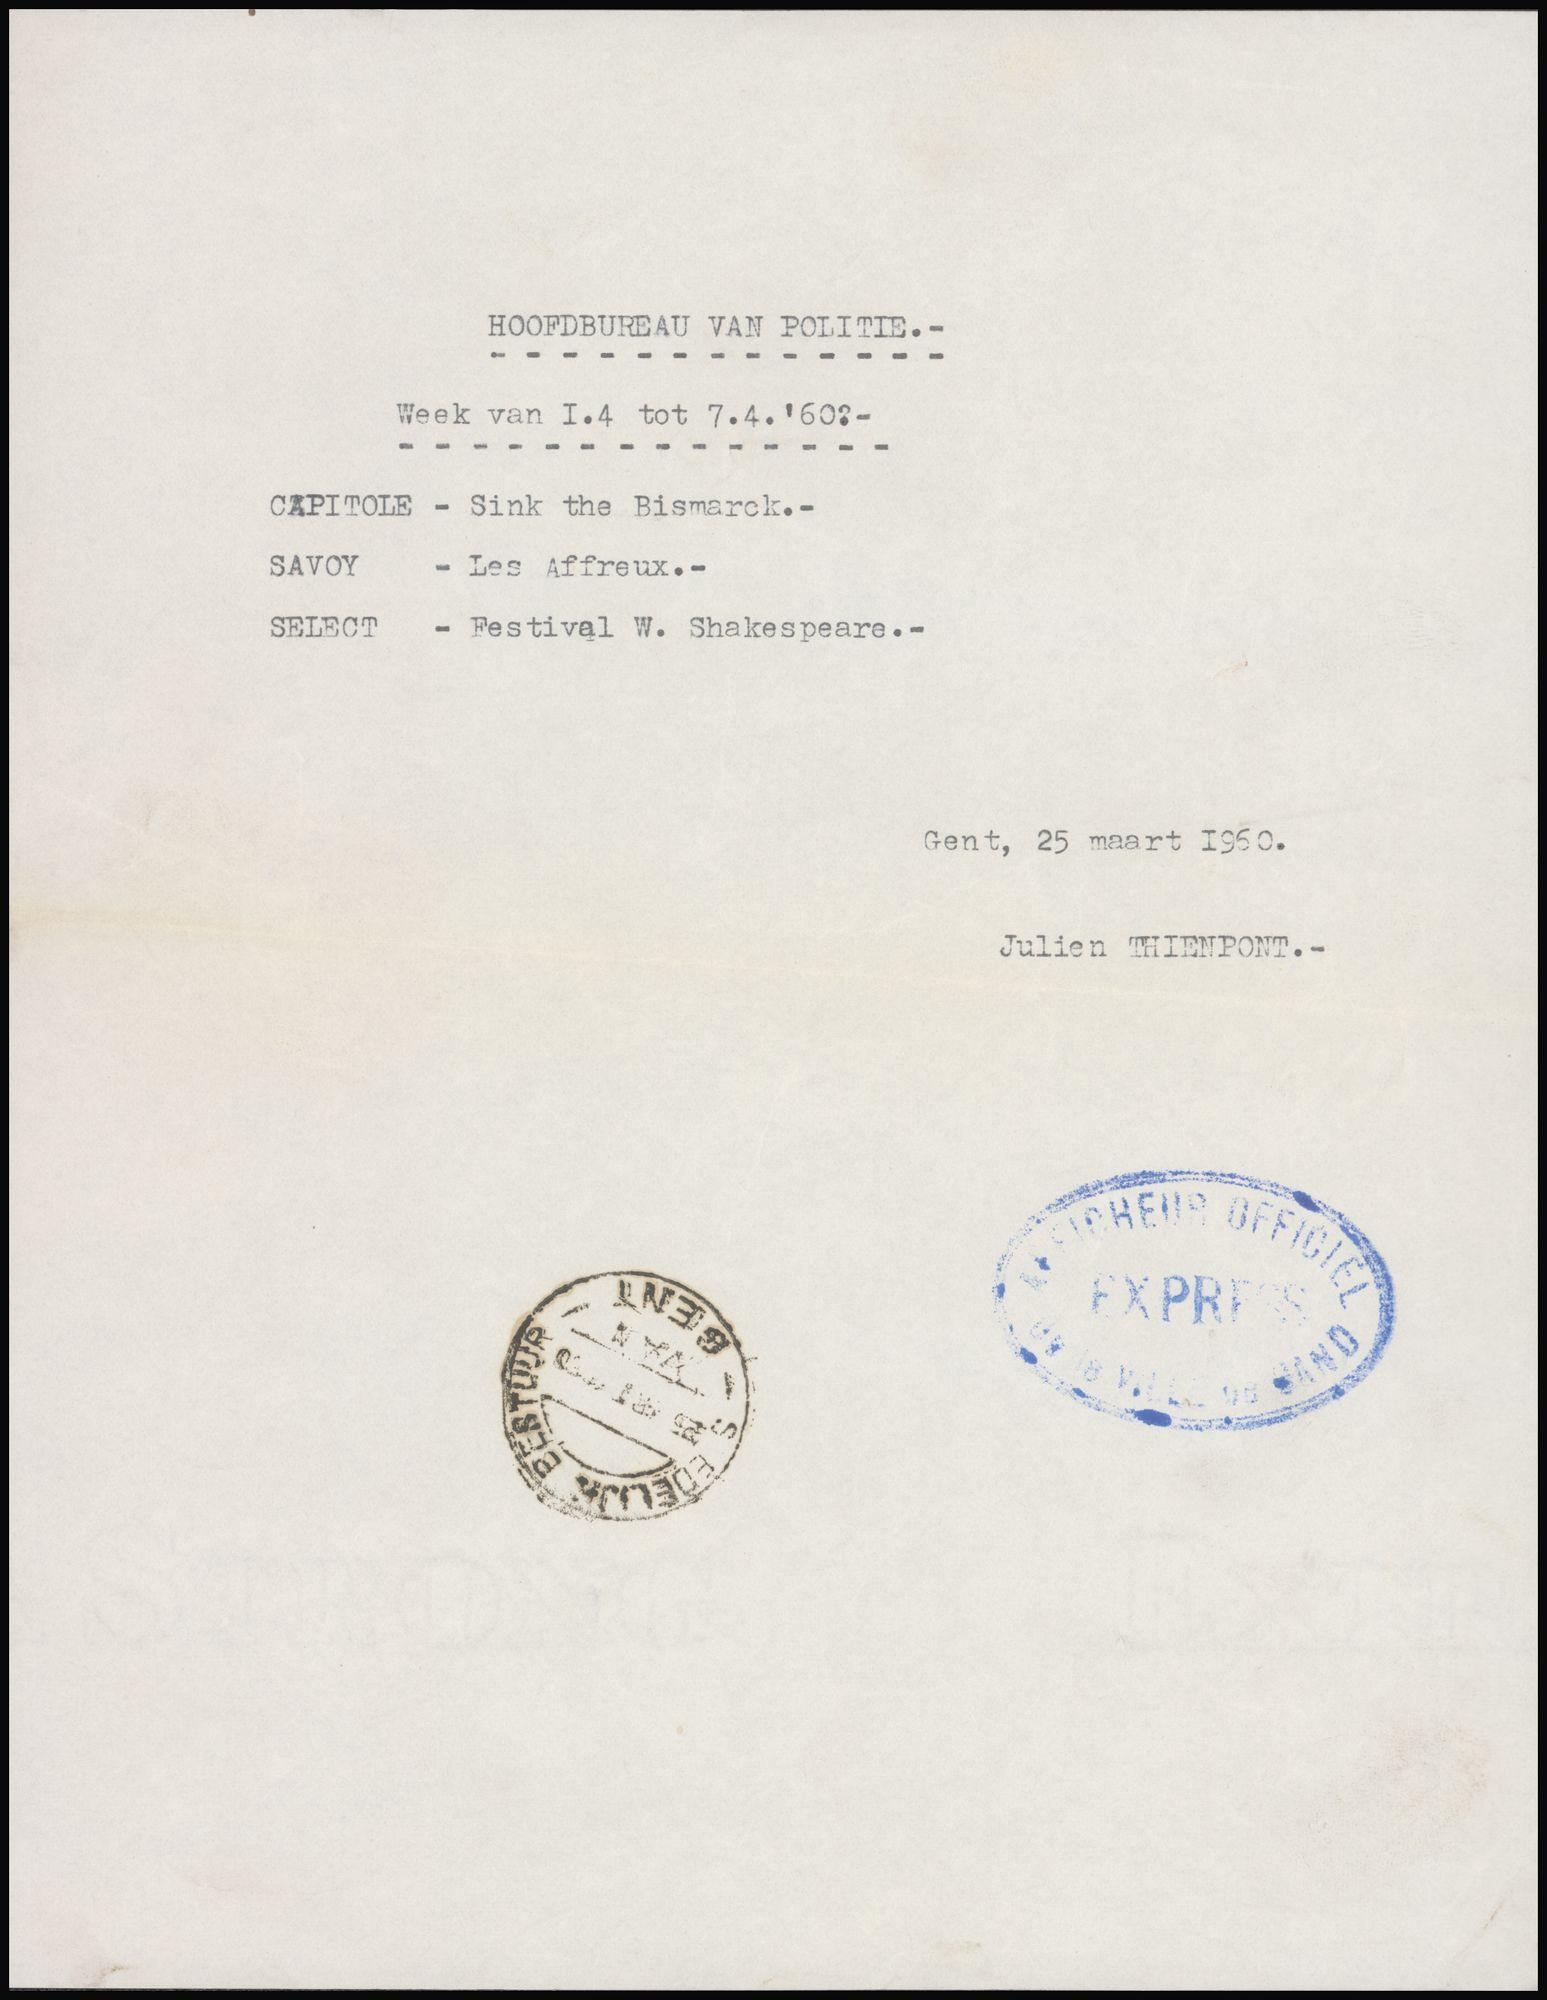 Lijst van filmaffiches afgegeven aan het hoofdbureau van politie, Gent, week van 1 tot 7 april 1960